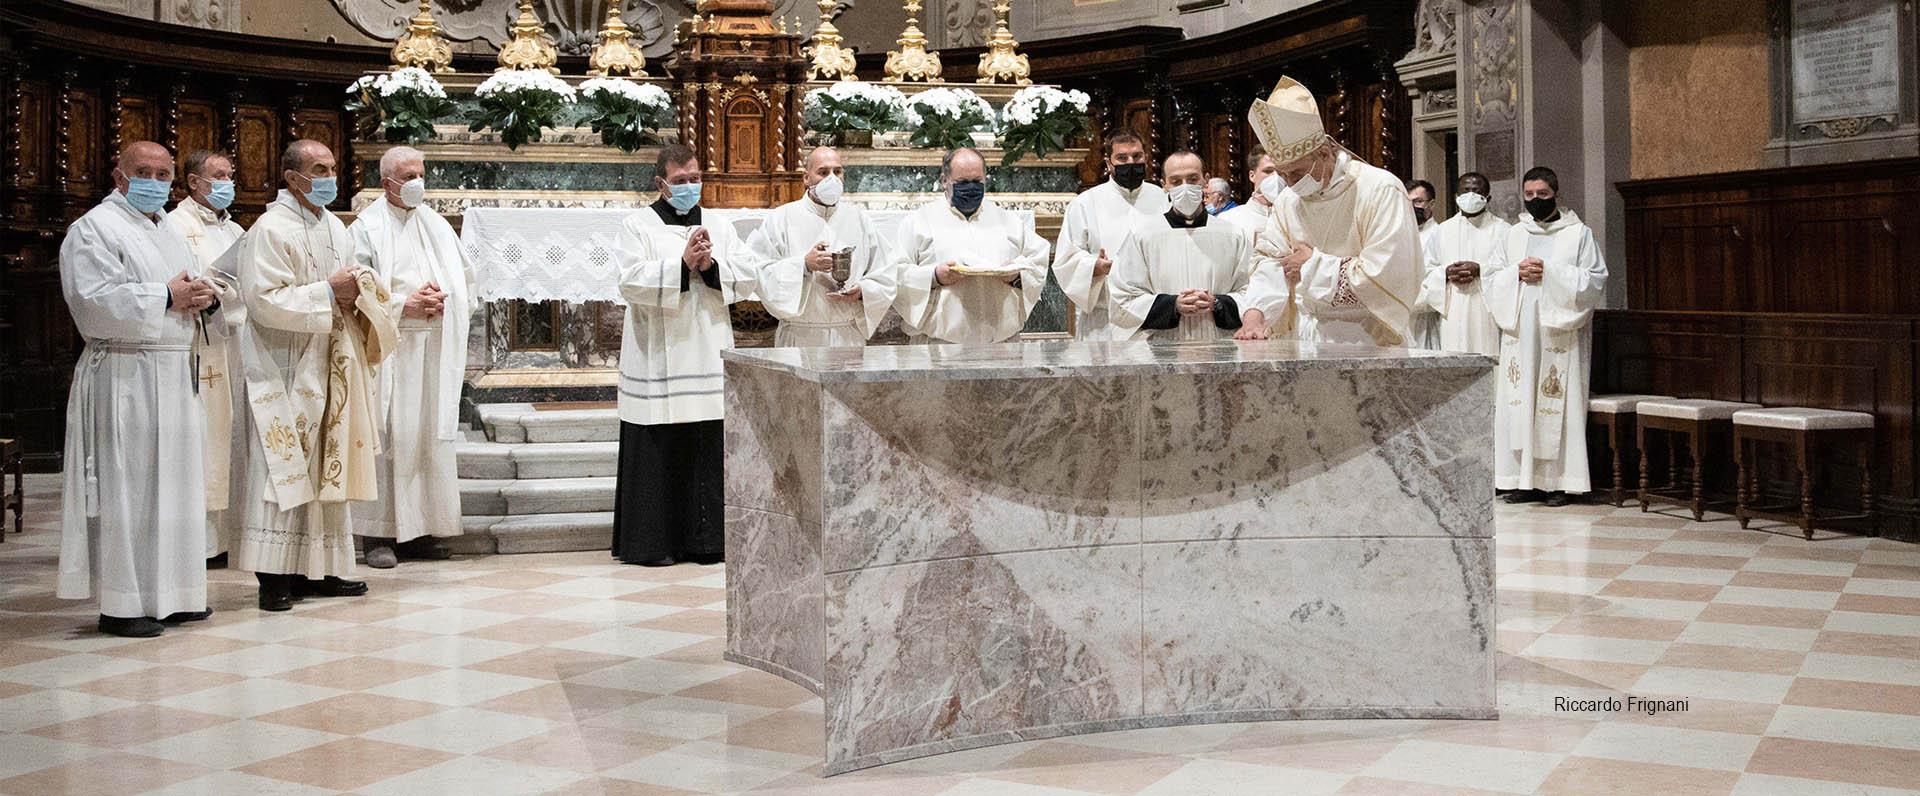 02 nuovi arredi liturgici in Basilica di San Biagio